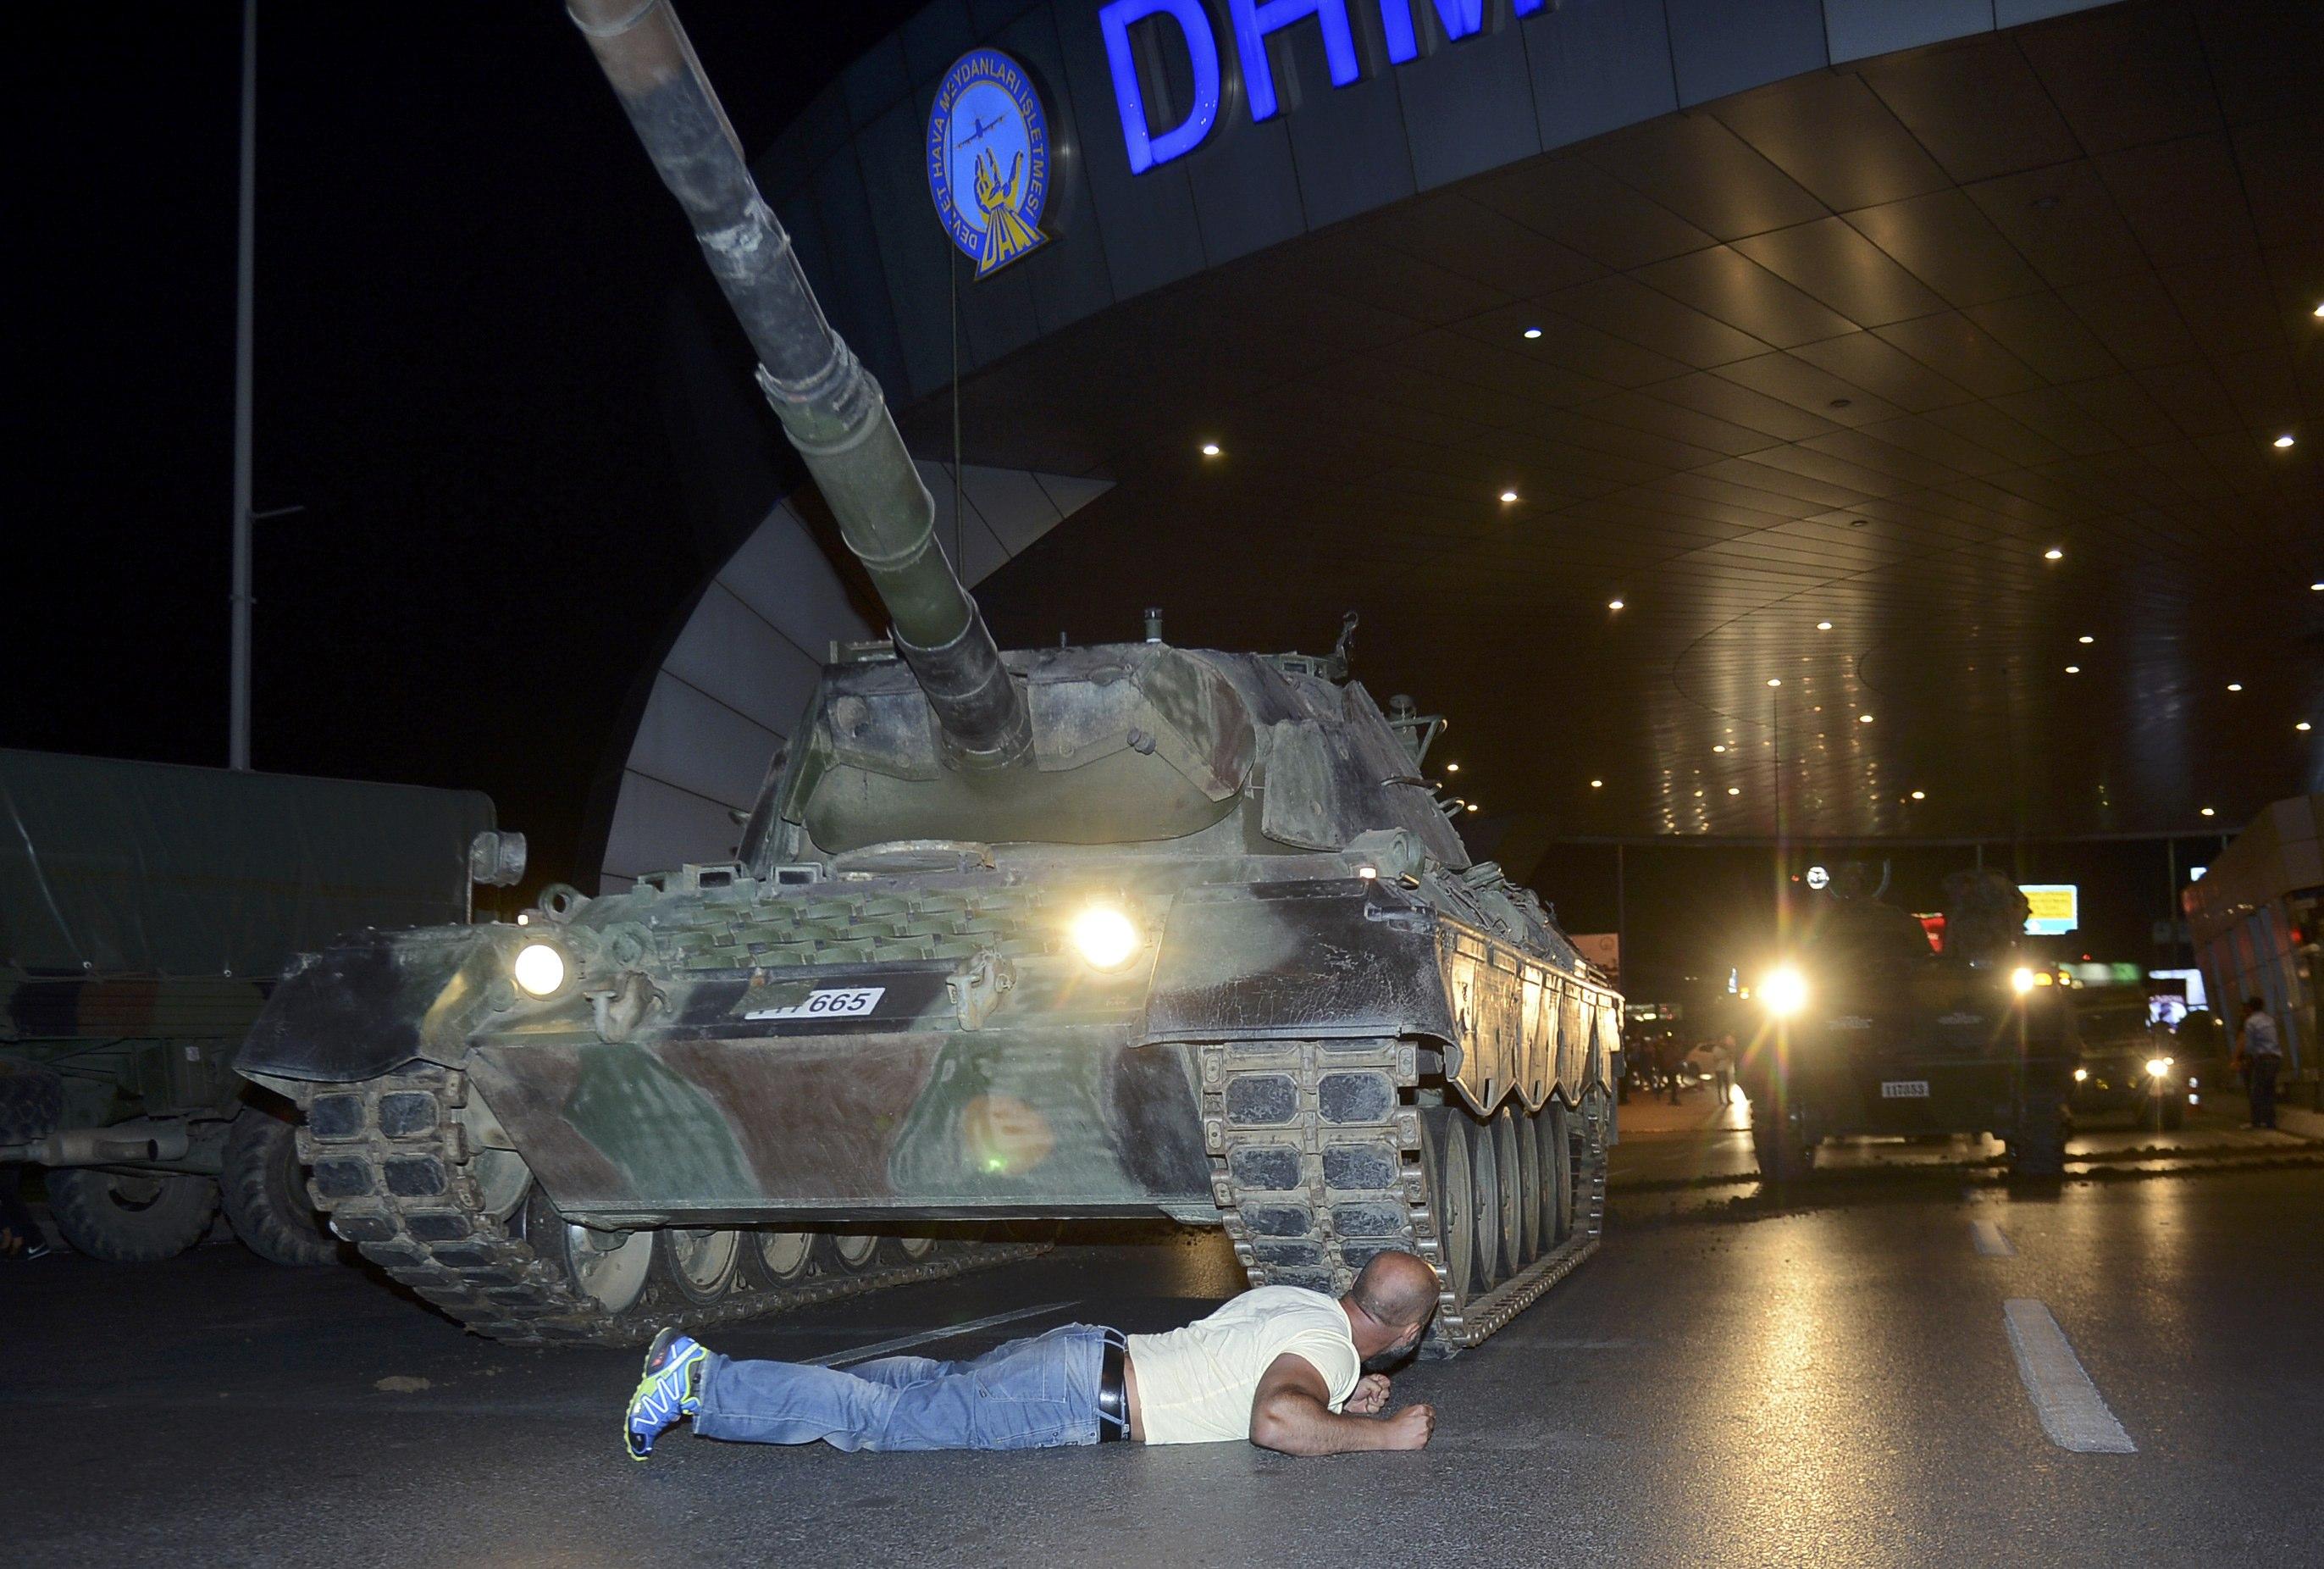 Мужчина лег перед танком, протестуя против госпереворота, в аэропорту Стамбула Фото: REUTERS